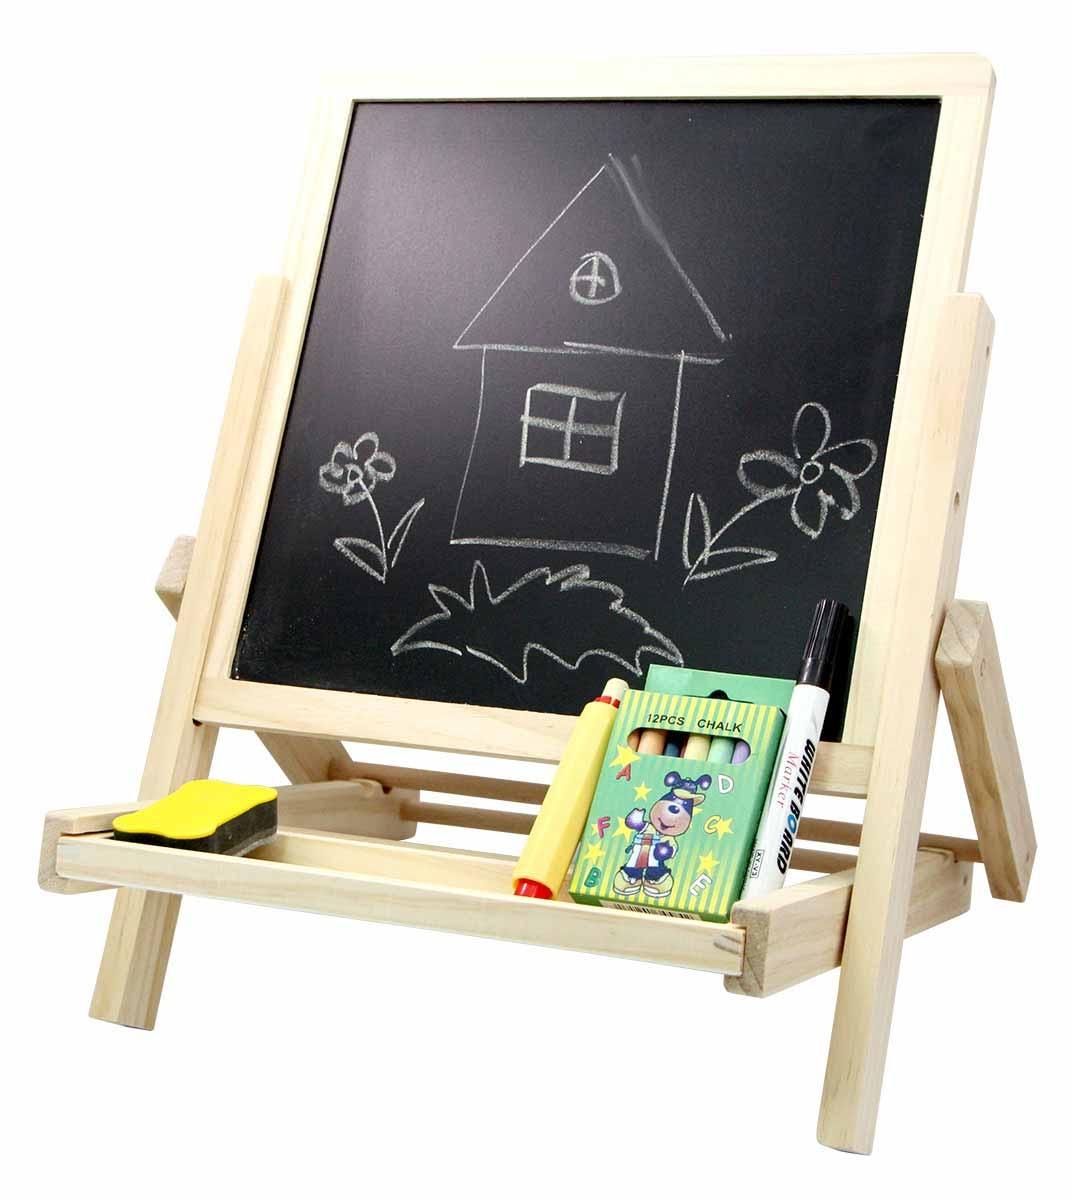 Альбомы и доски для рисования База игрушек Доска для рисования База игрушек двухсторонняя alex доска для рисования обезьянка